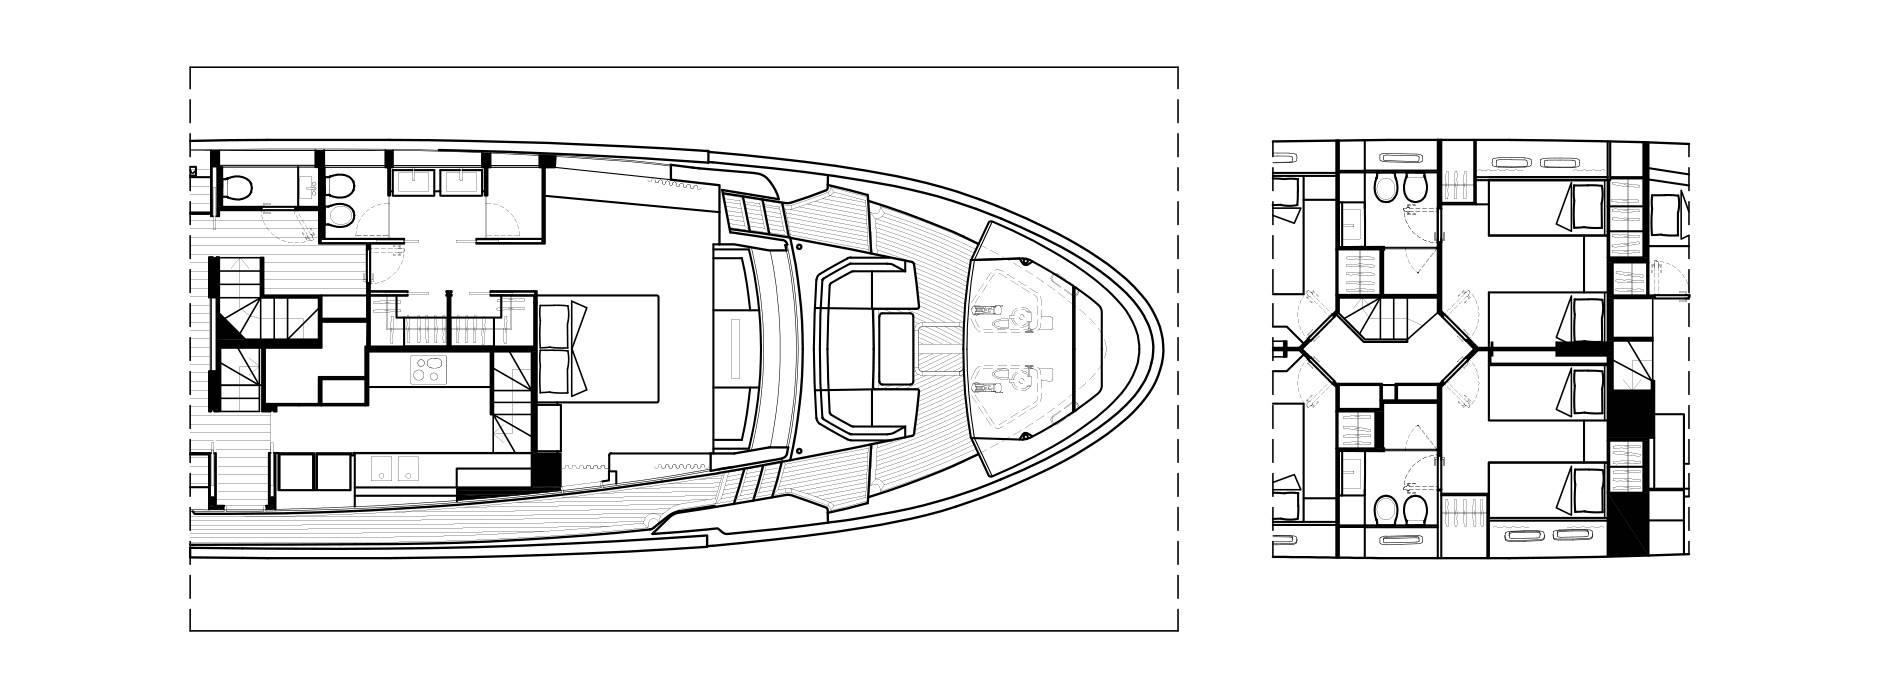 Sanlorenzo Yachts SL102 Asymmetric Détails